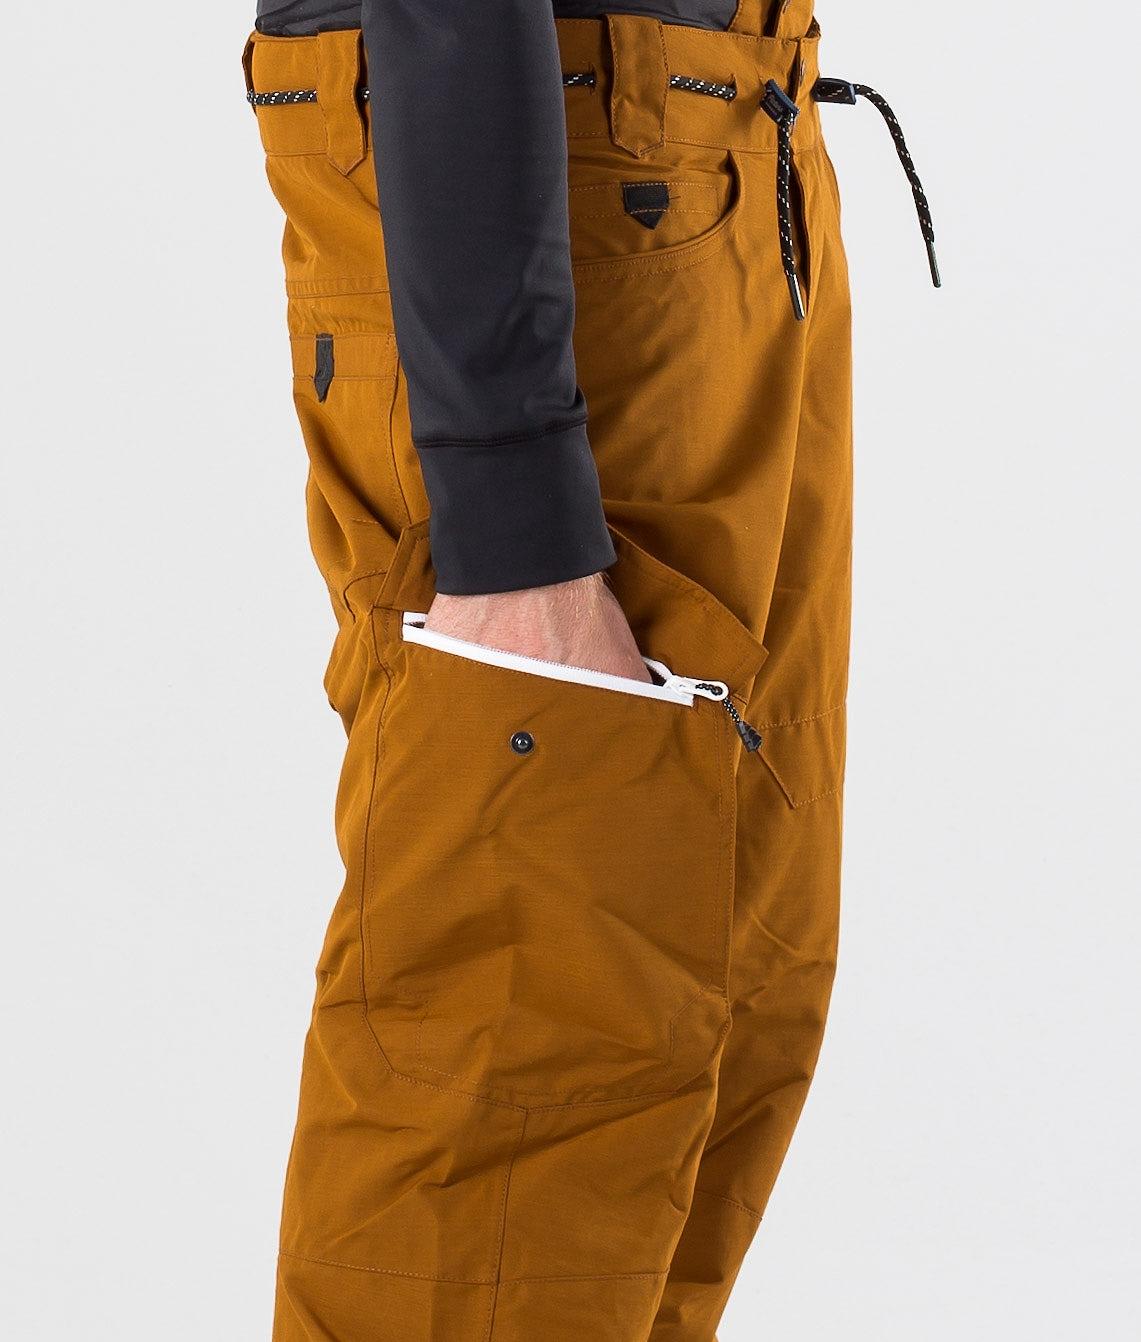 Kjøp Under Skibukse fra Picture på Ridestore.no - Hos oss har du alltid fri frakt, fri retur og 30 dagers åpent kjøp!